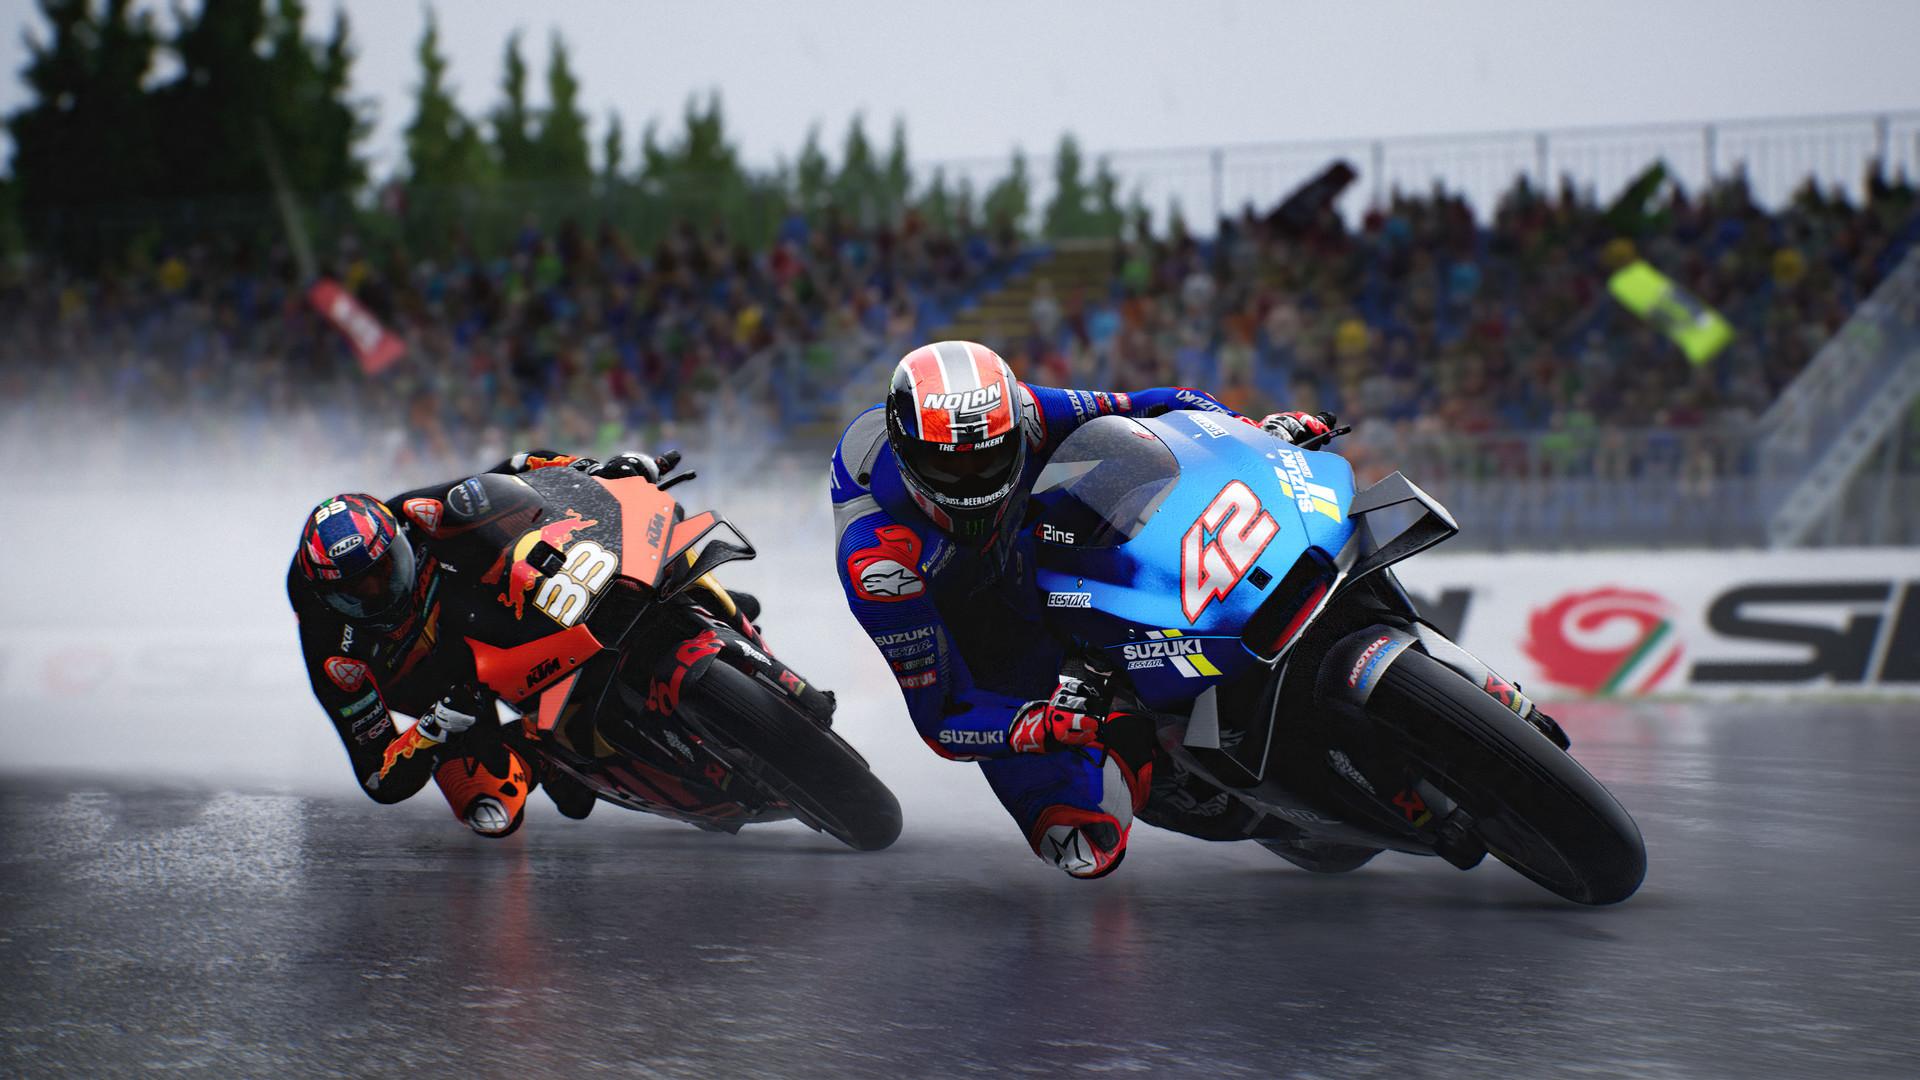 世界摩托大奖赛21/MotoGP21插图15